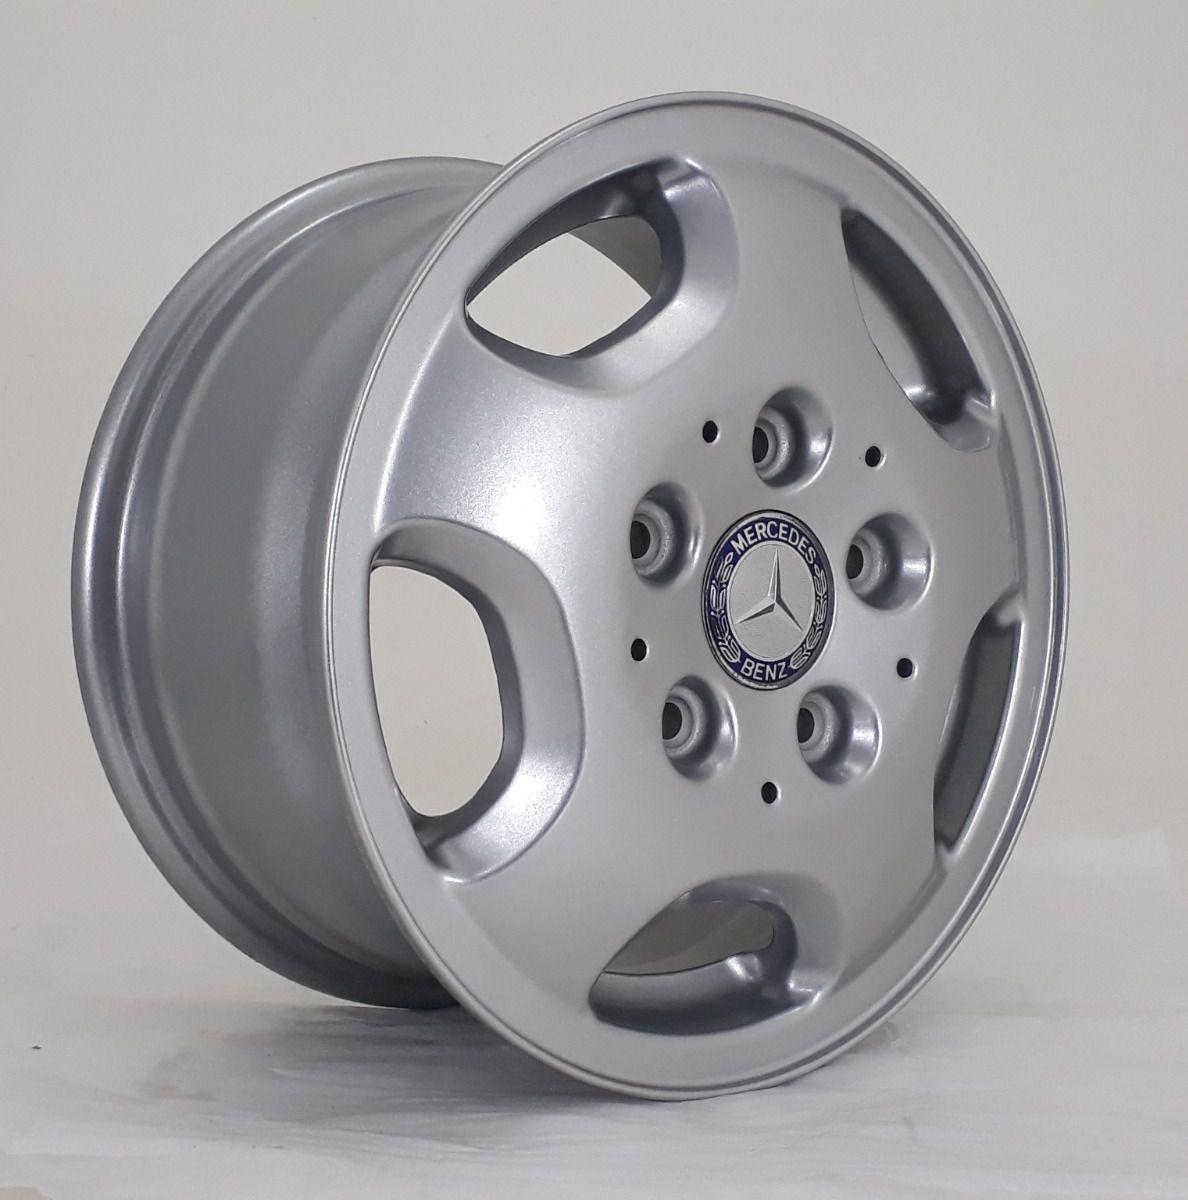 Kit 4 Rodas Aro 15x7 Mercedes Sprinter 5x130 Prata